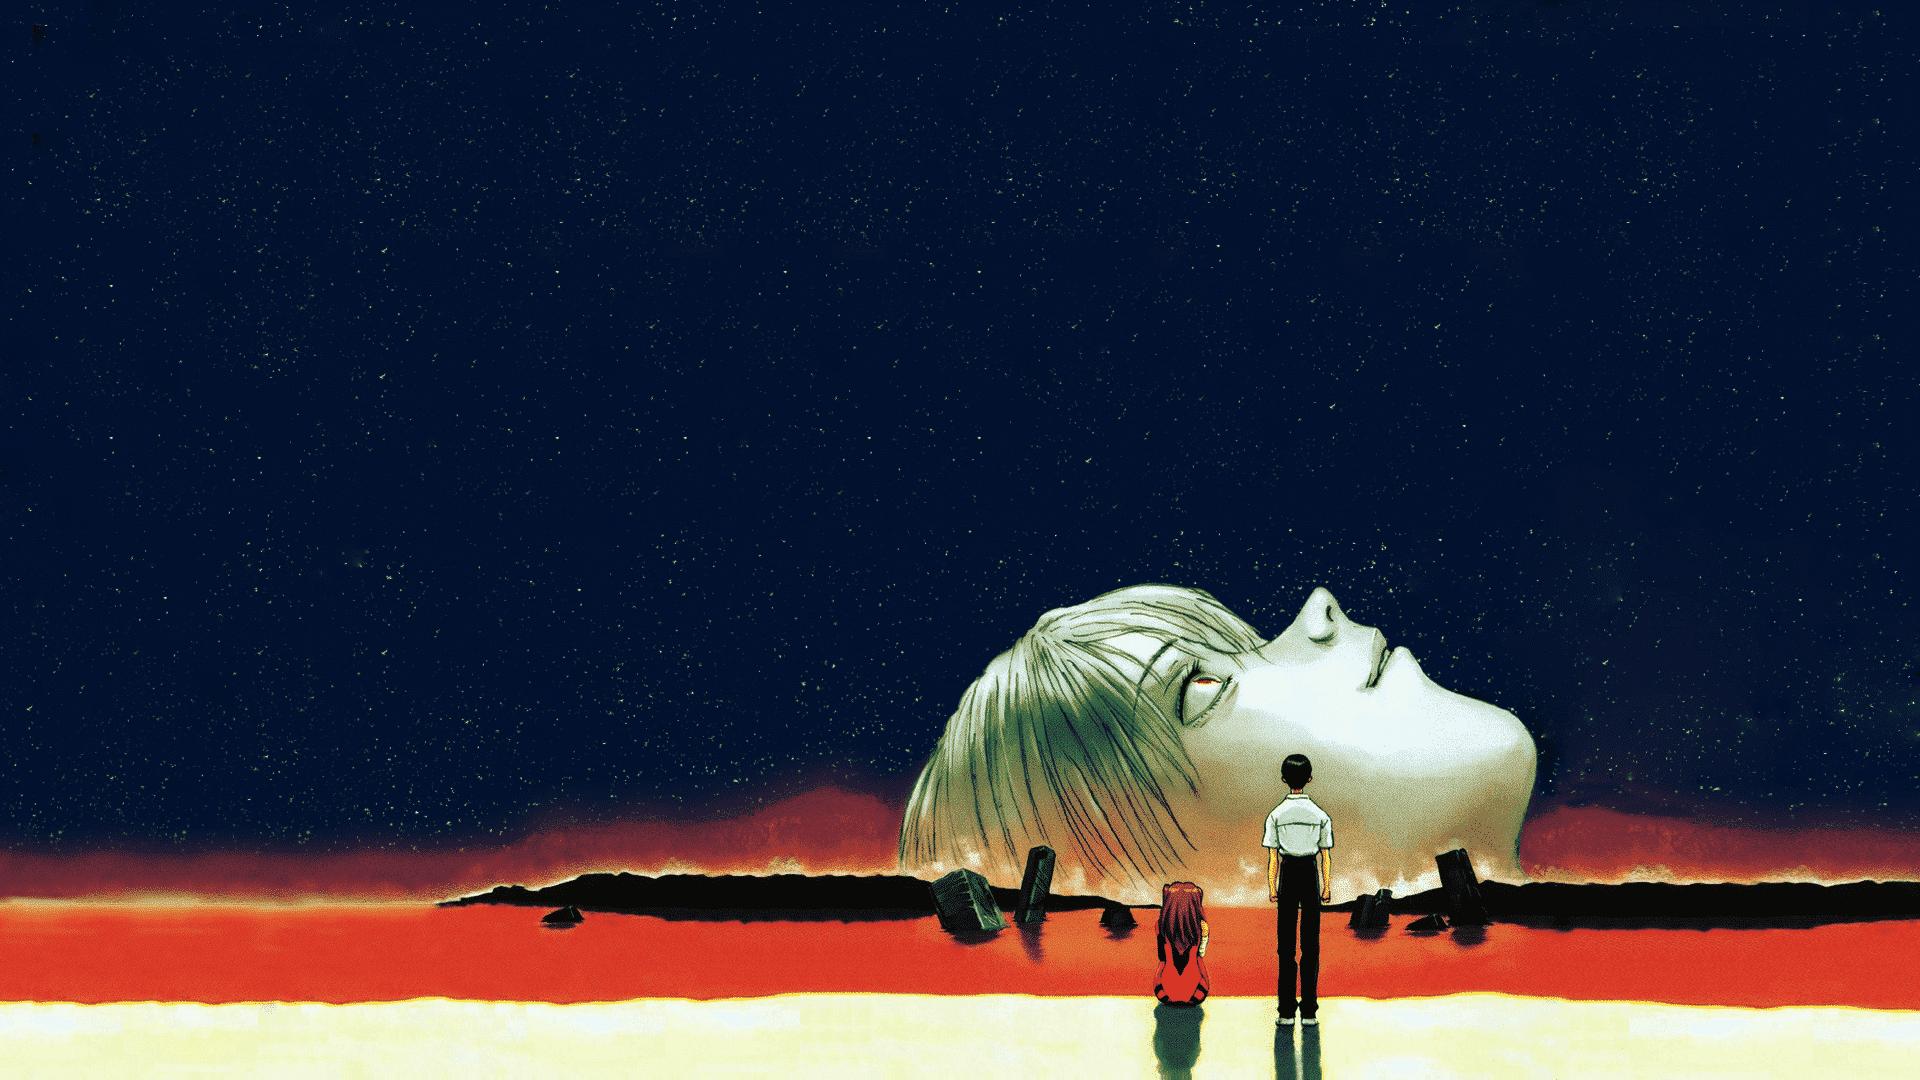 Neongenesis Evangelion